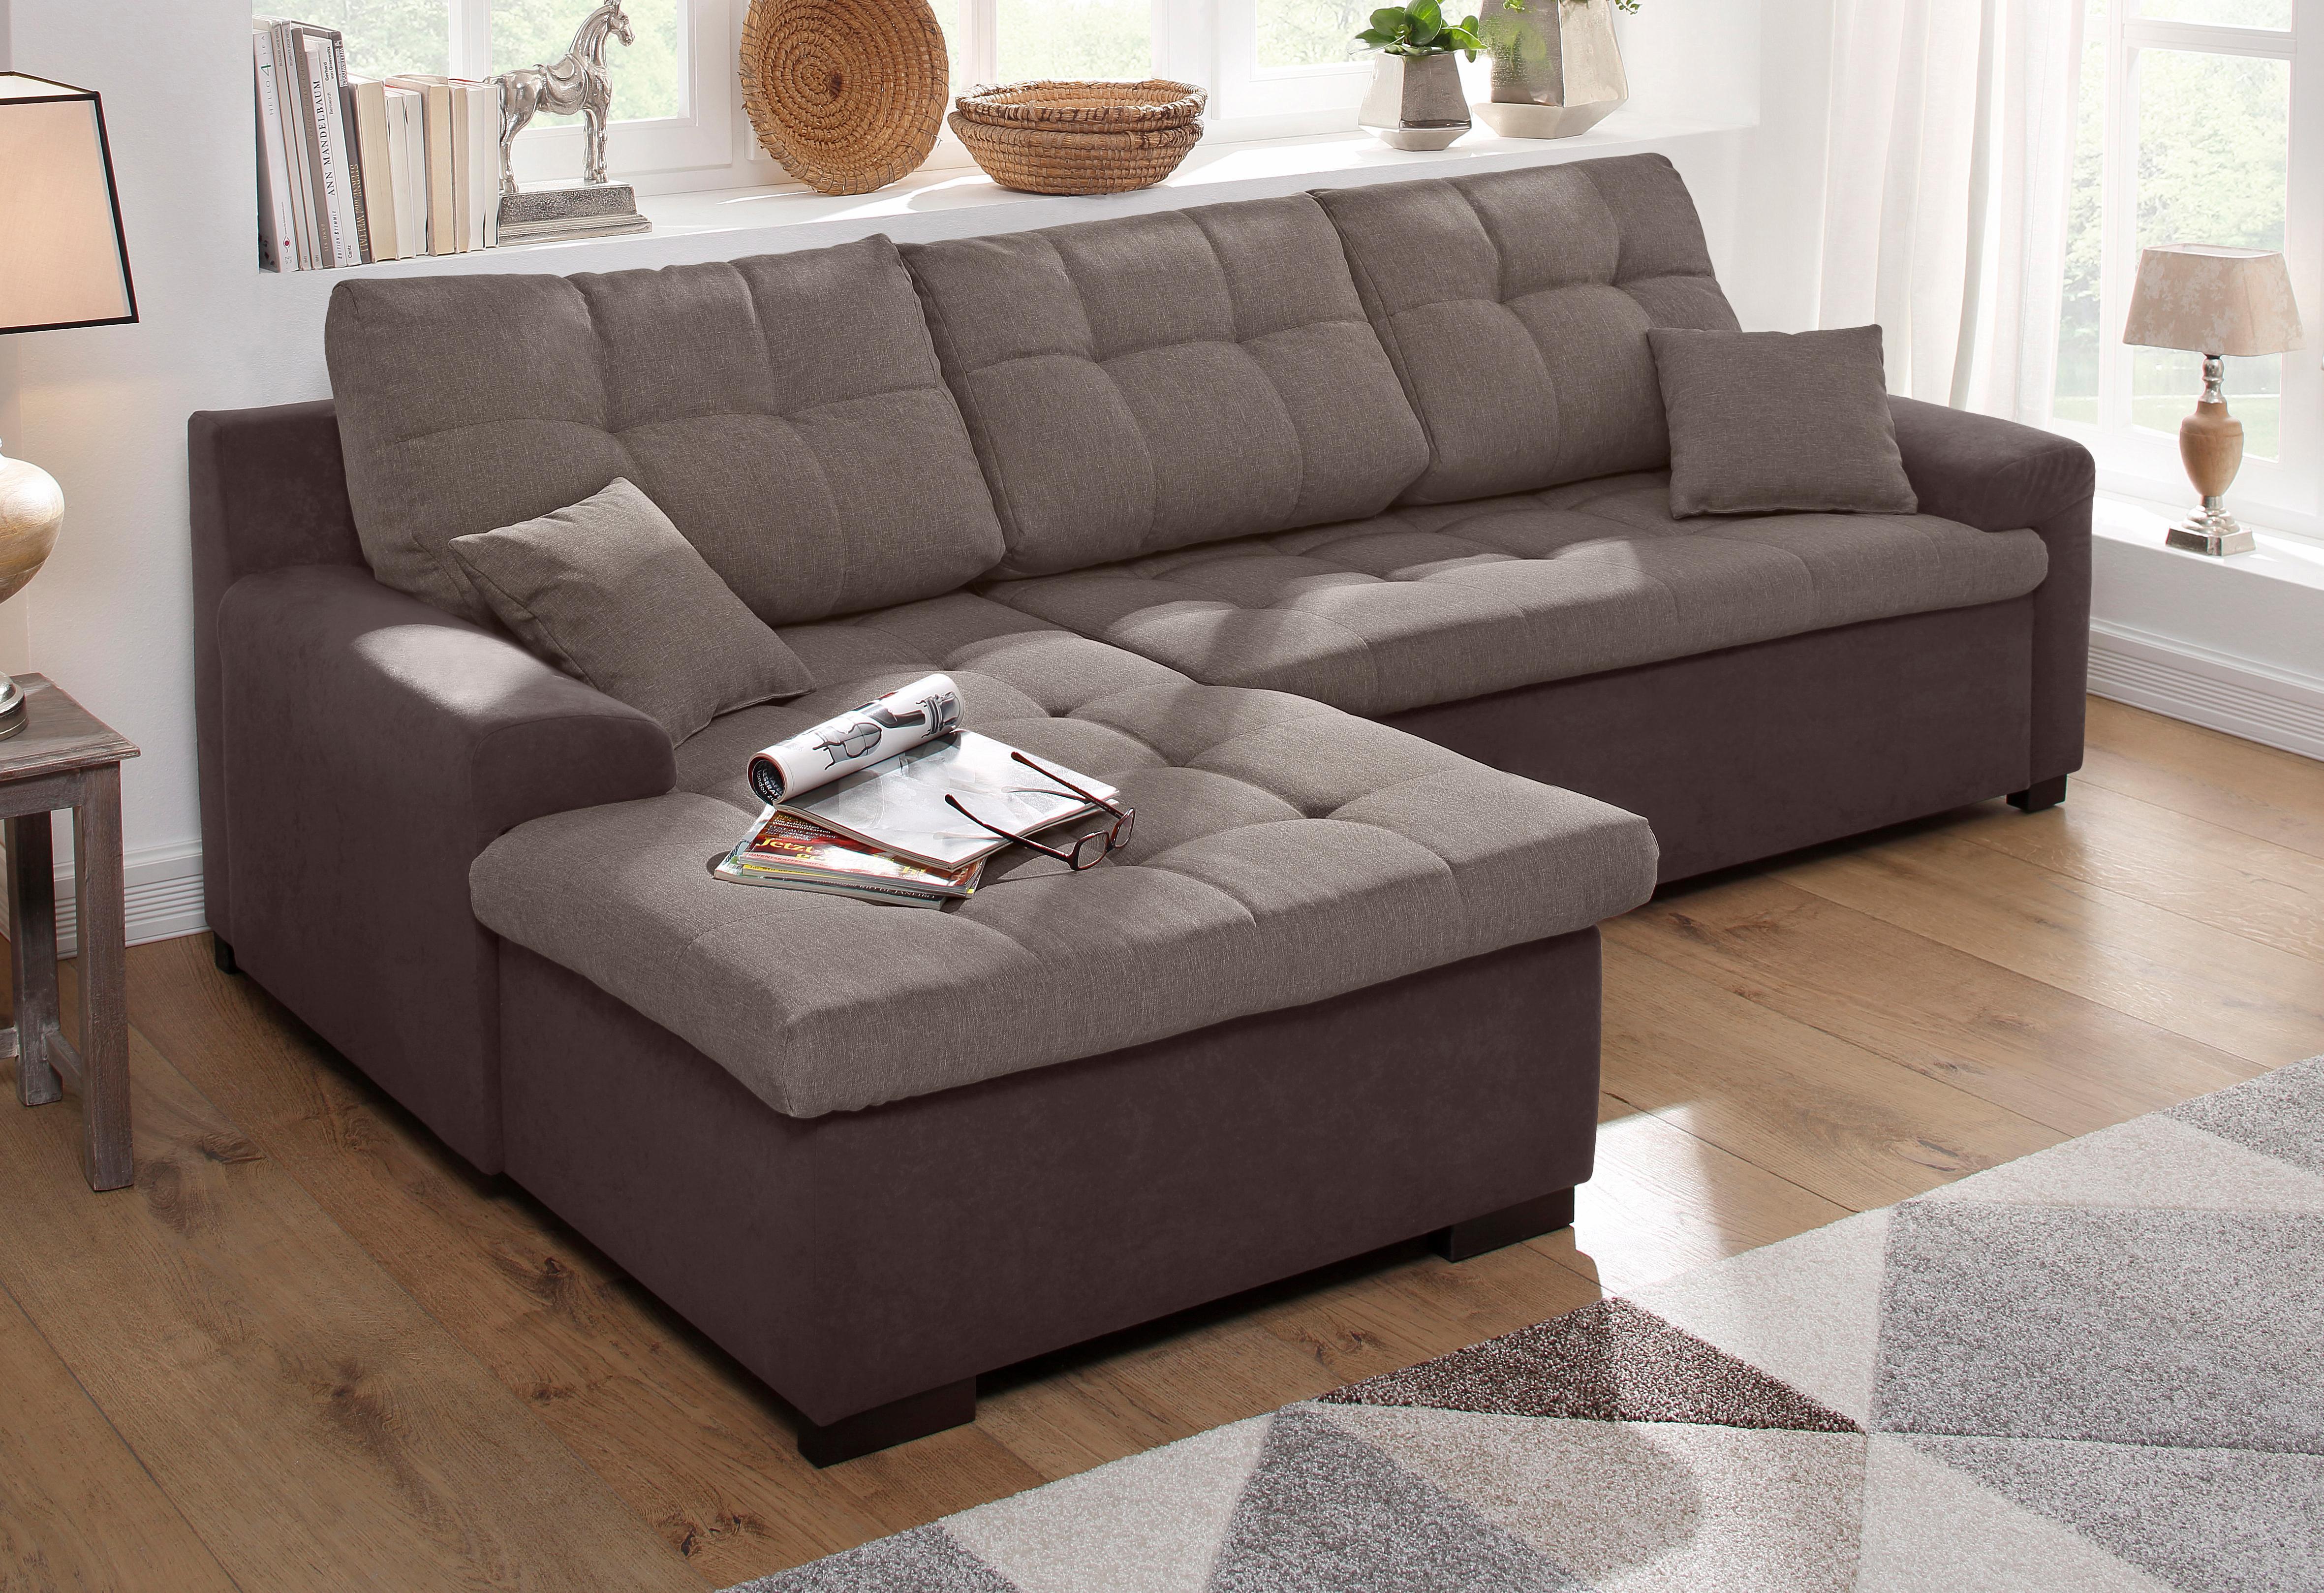 home affaire ecksofa f hr bequem auf rechnung kaufen. Black Bedroom Furniture Sets. Home Design Ideas